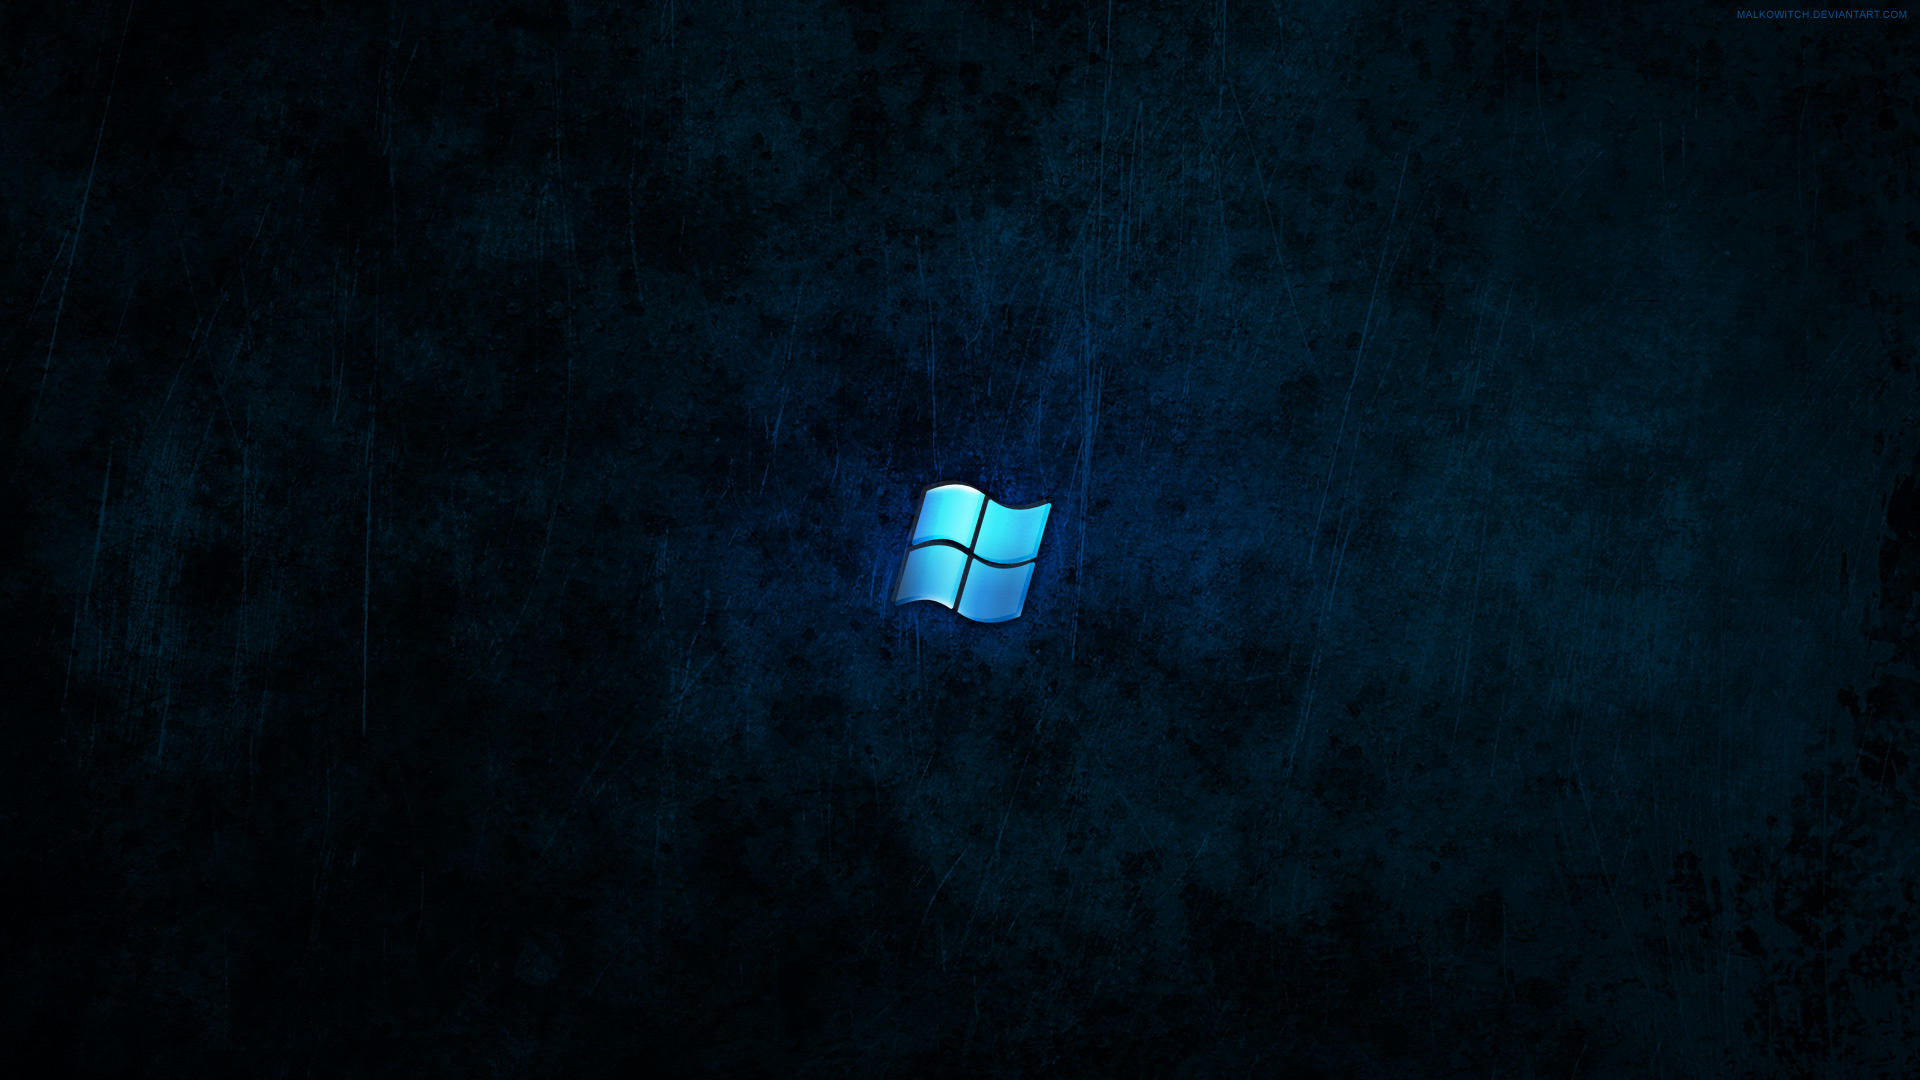 Windows Dark Blue Wallpaper by malkowitch 1920x1080